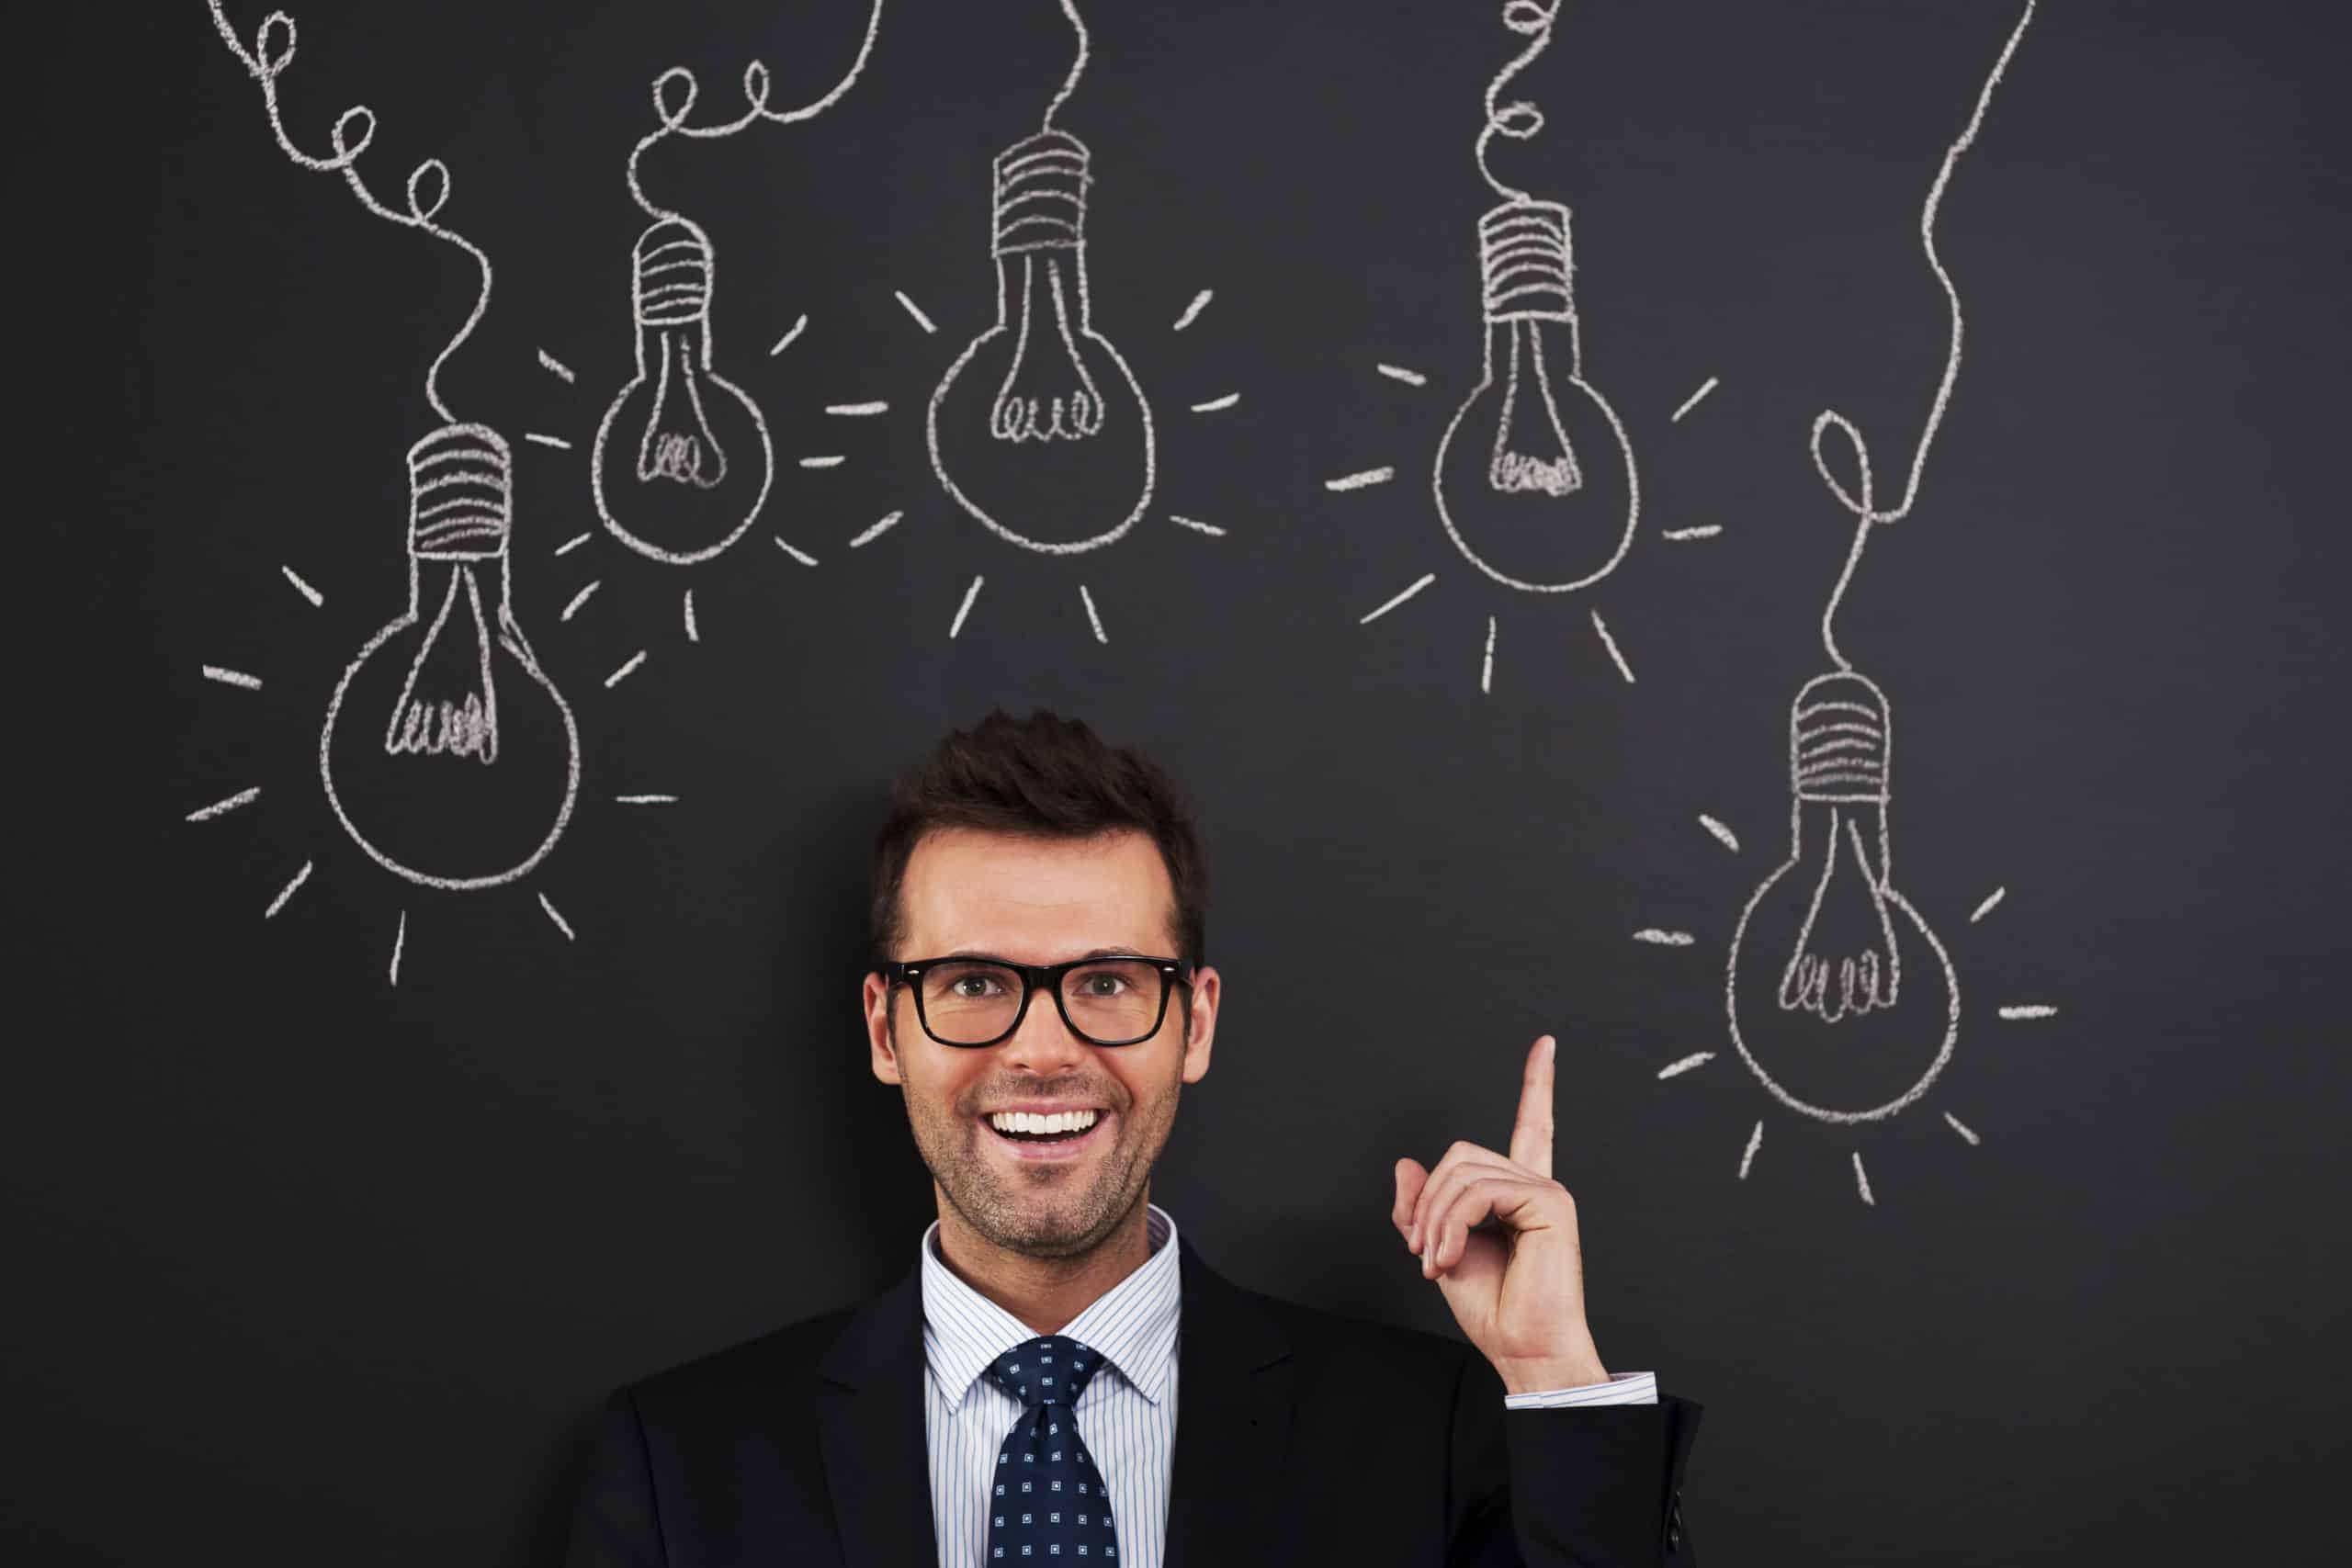 كيف تثبت افكارك في اذهان الناس